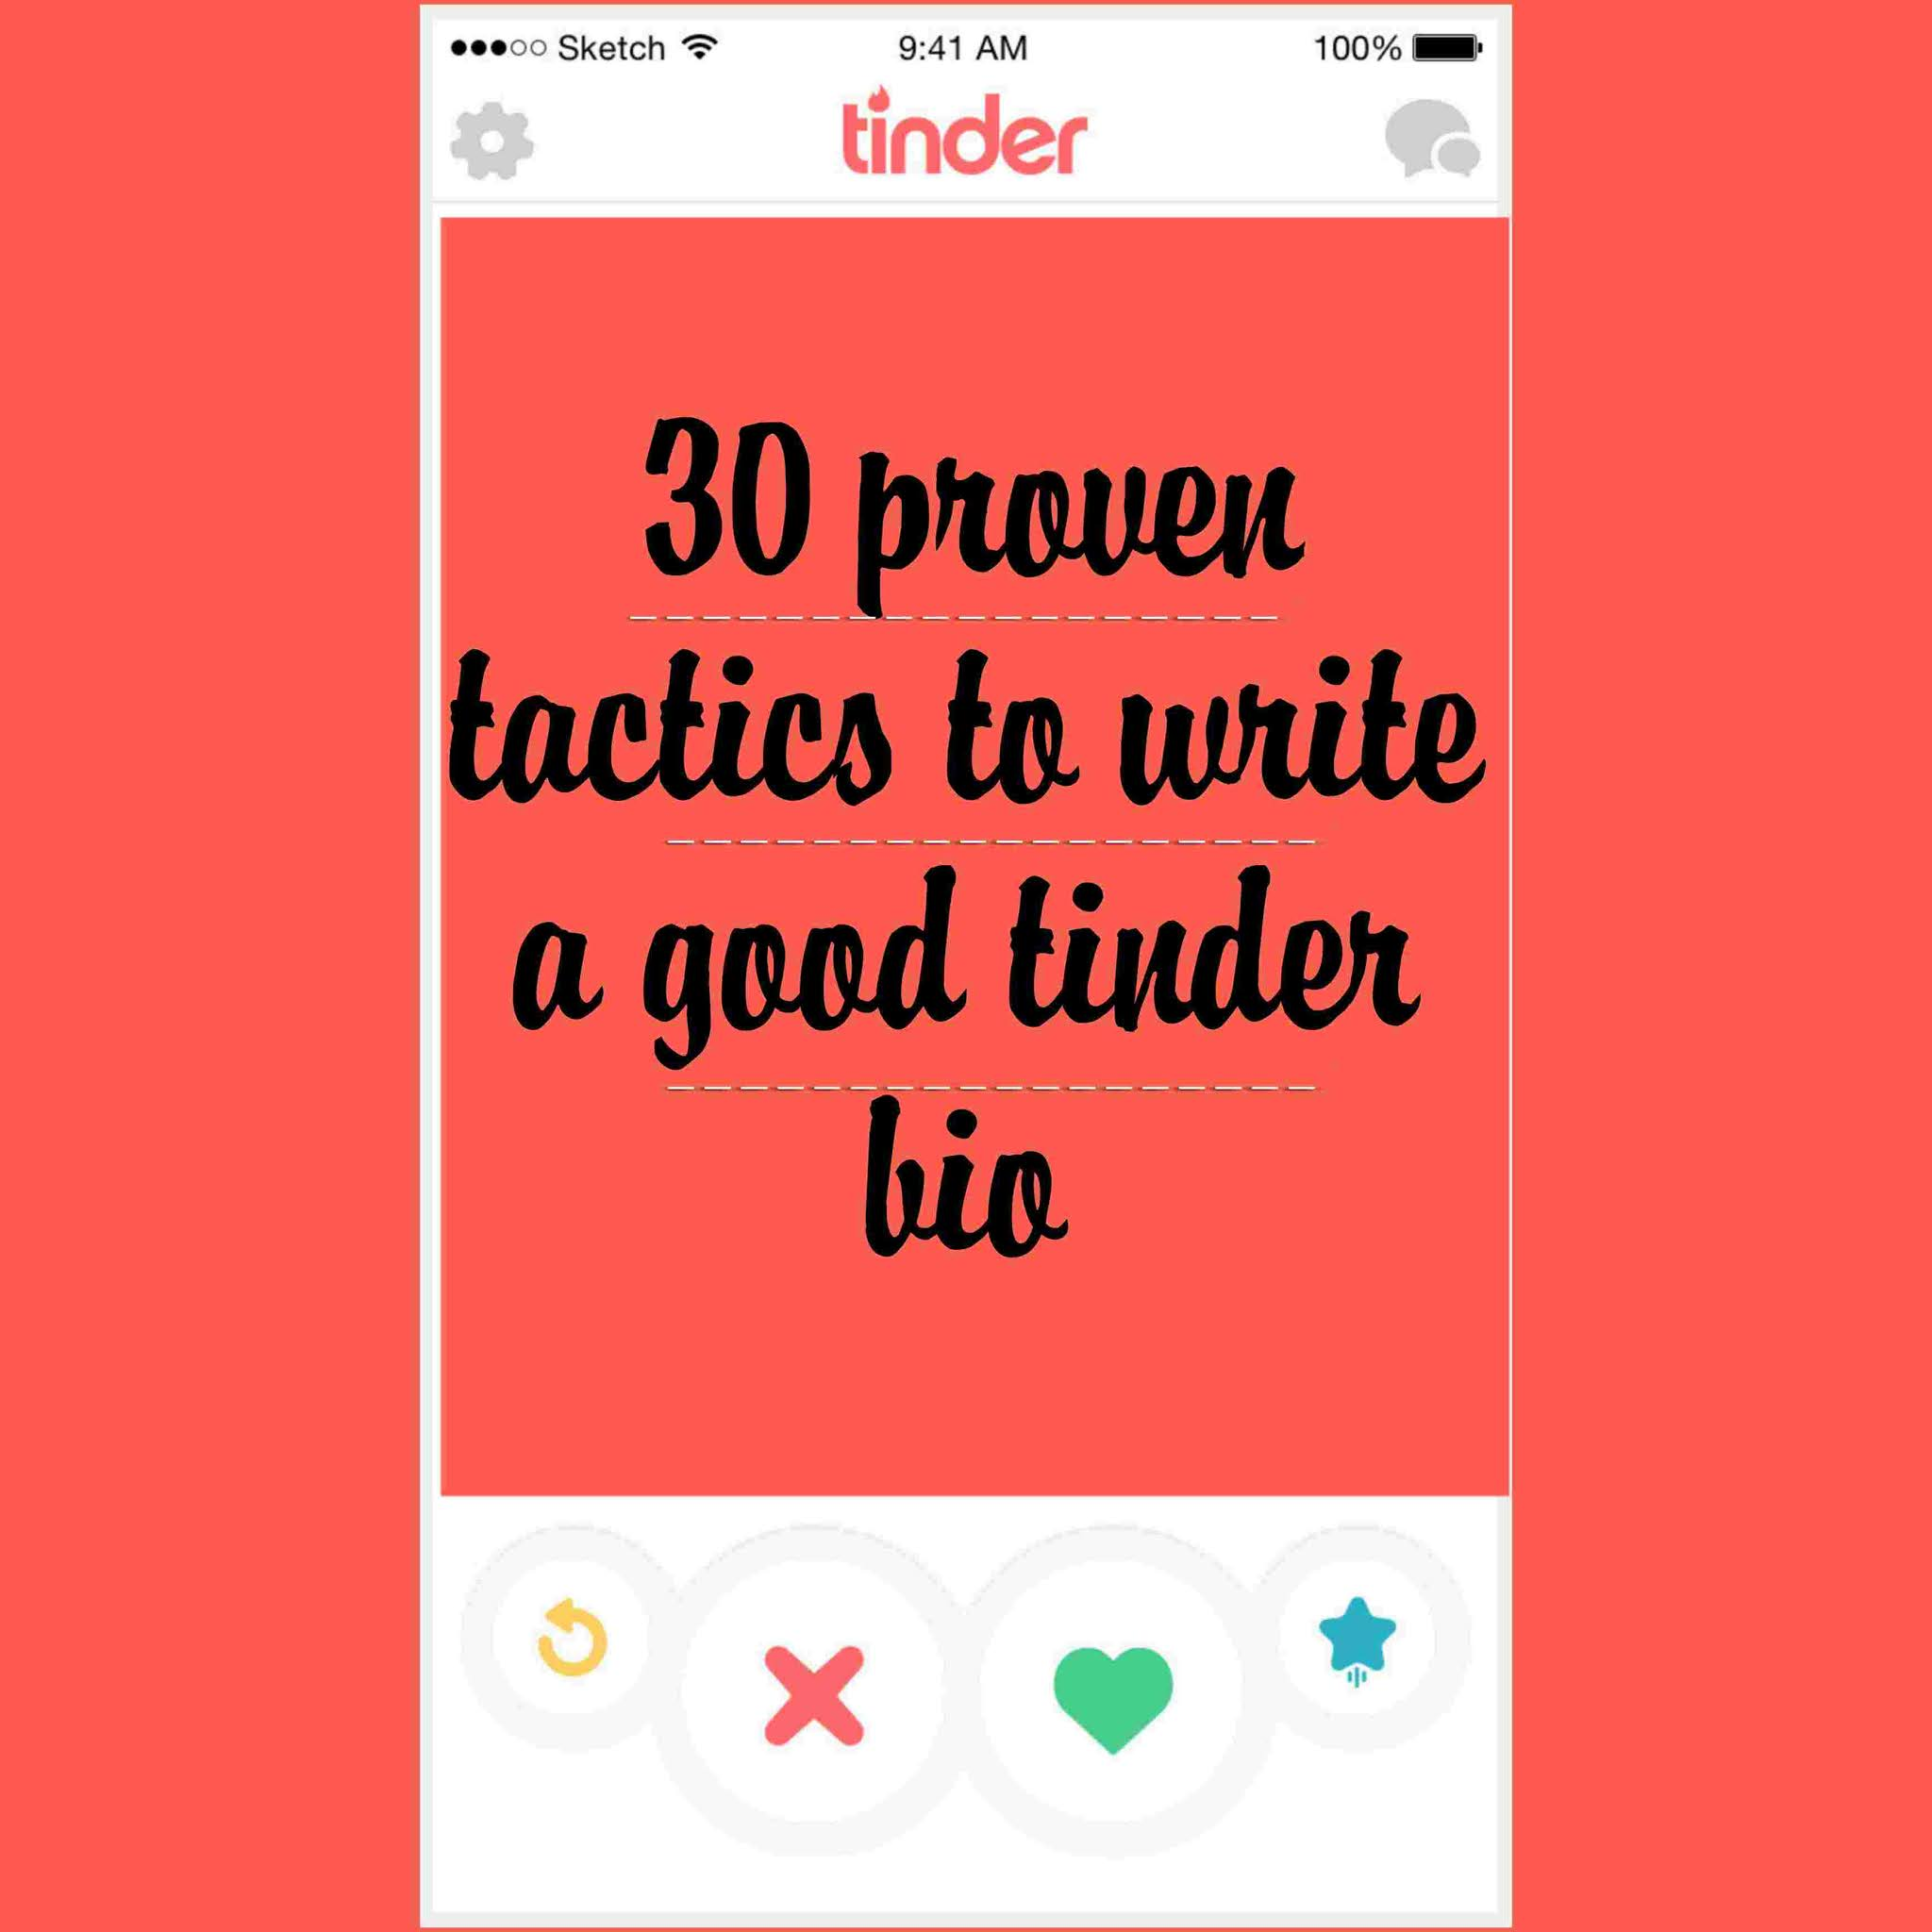 How do you write a good tinder bio?, Writing a Good Tinder bio tips, Good tinder bio hacks, Tinder bio- how to unique bio, How to attract with good tinder bio